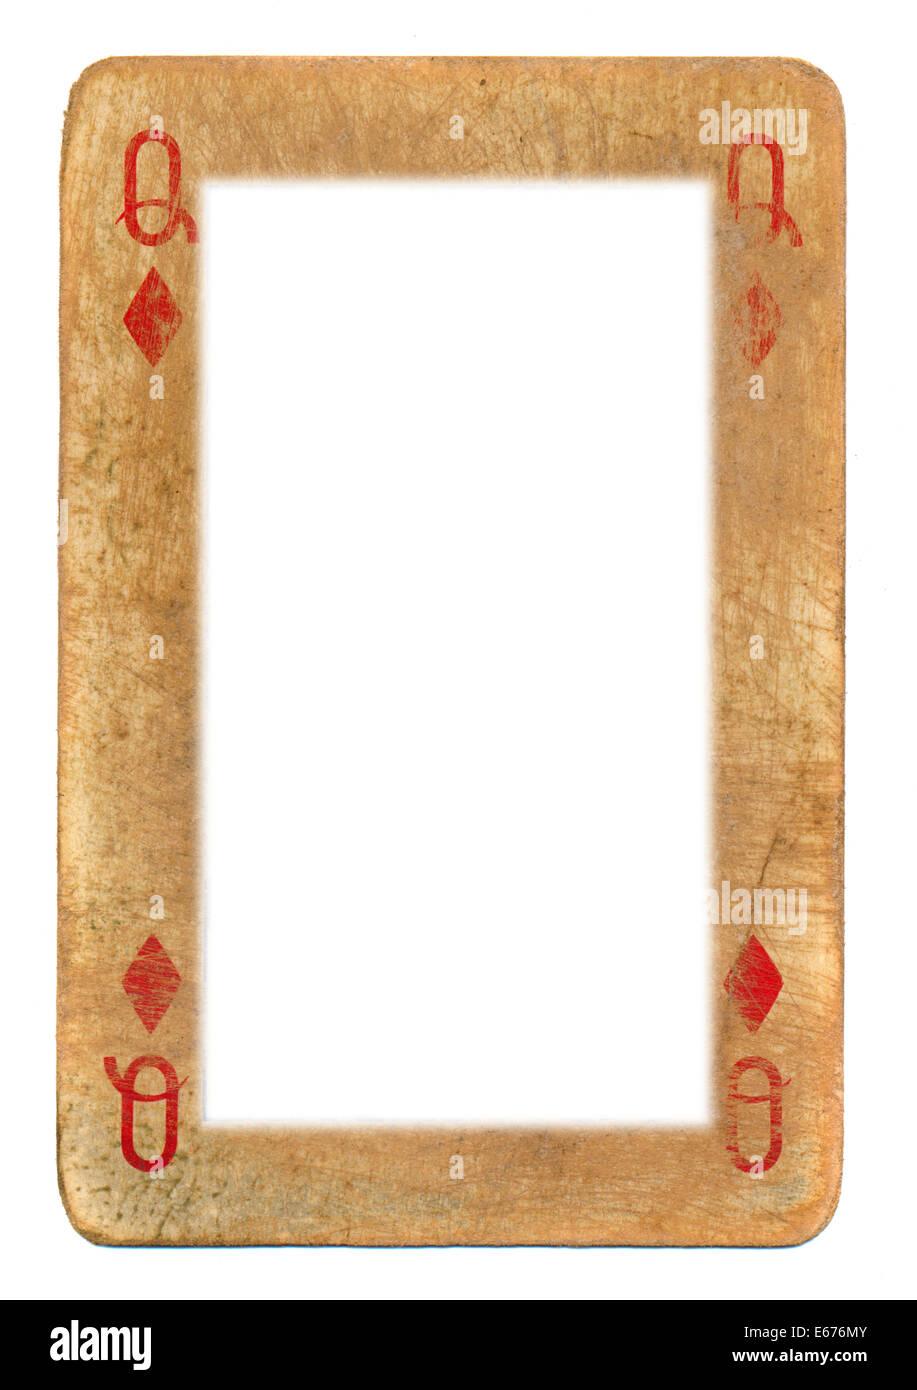 Papier-Rahmen aus alten Spielkarte Königin der Diamanten isoliert ...